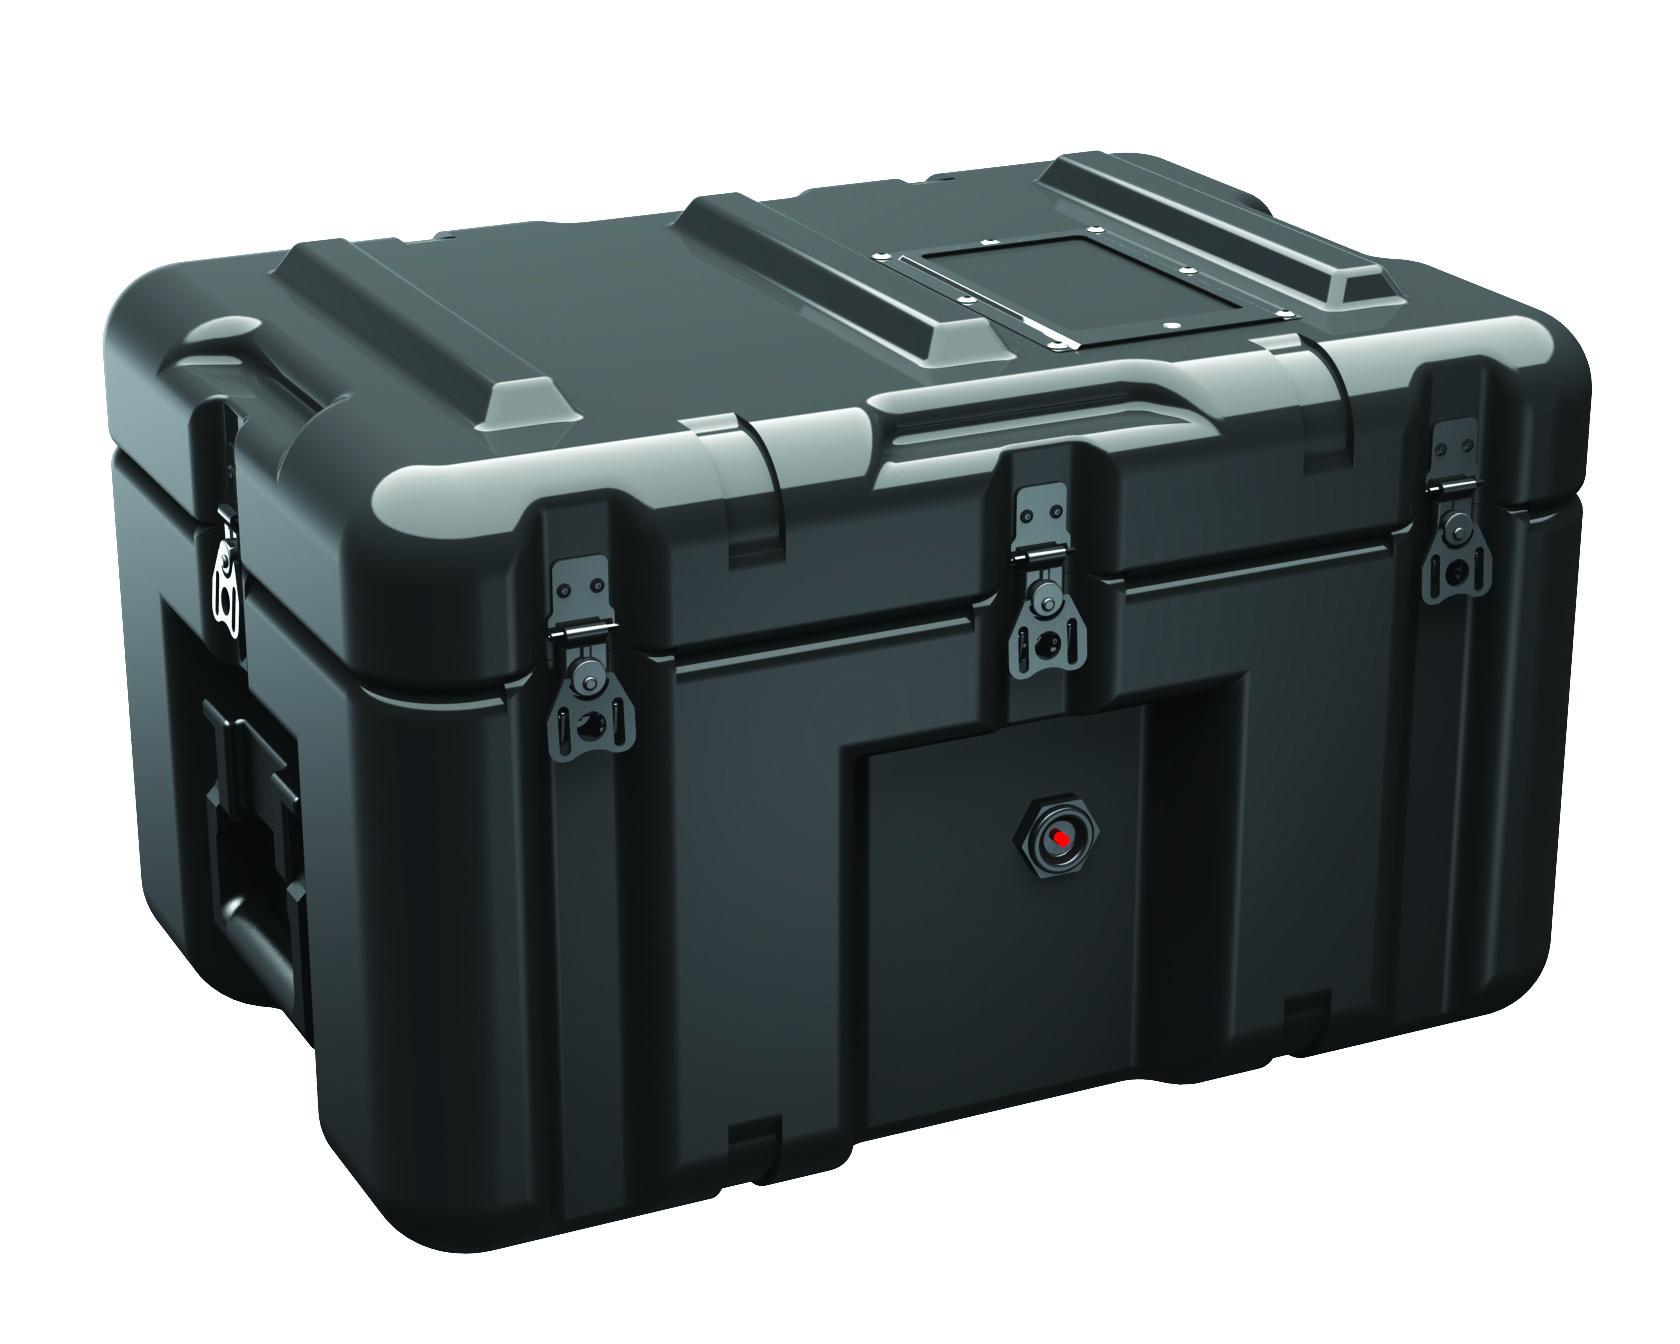 AL2013-0903 - AL2013-0903 Single Lid Flat Case